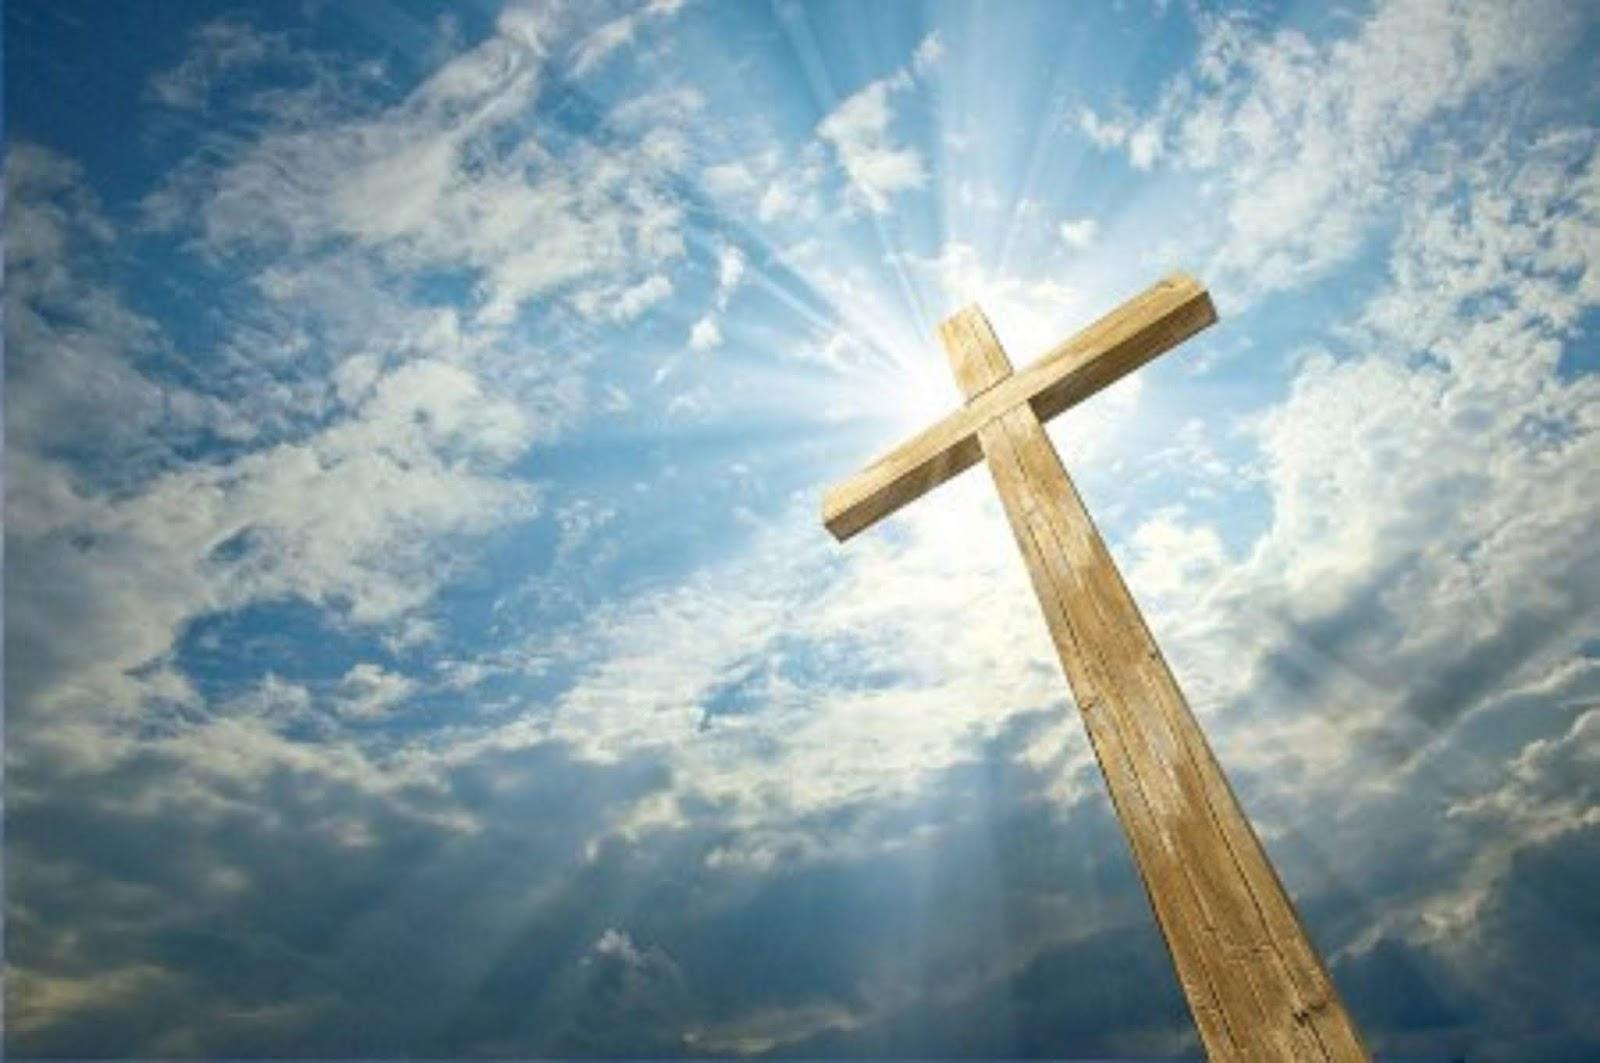 ΤΟ ΜΗΝΥΜΑ της ΚΥΡΙΑΚΗΣ  : «ΤΟ ΜΕΣΟ της ΣΩΤΗΡΙΑΣ μας»